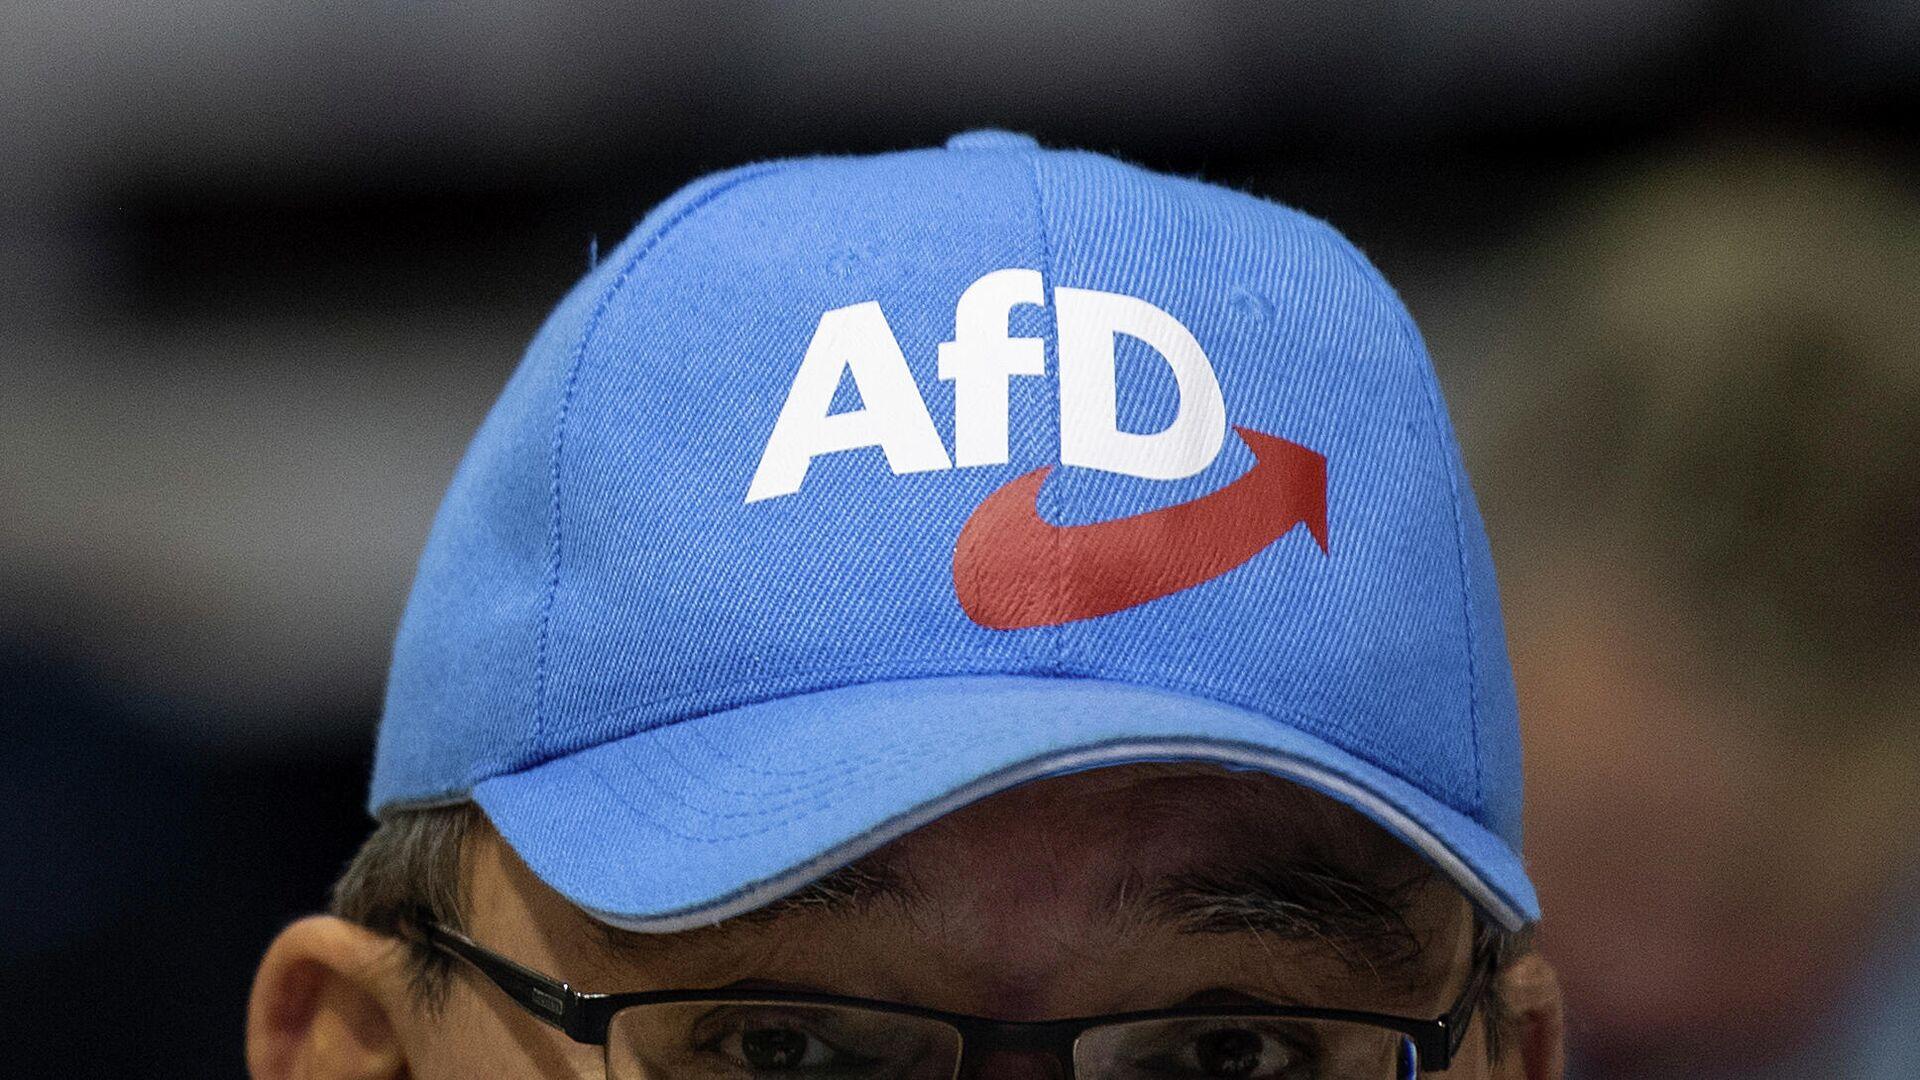 ein Teilnehmer einer Veranstaltung der Partei  AfD in der Sachsen Arena in Riesa trägt eine Mütze mit dem Logo der Partei. 13. Januar 2019. - SNA, 1920, 23.09.2021